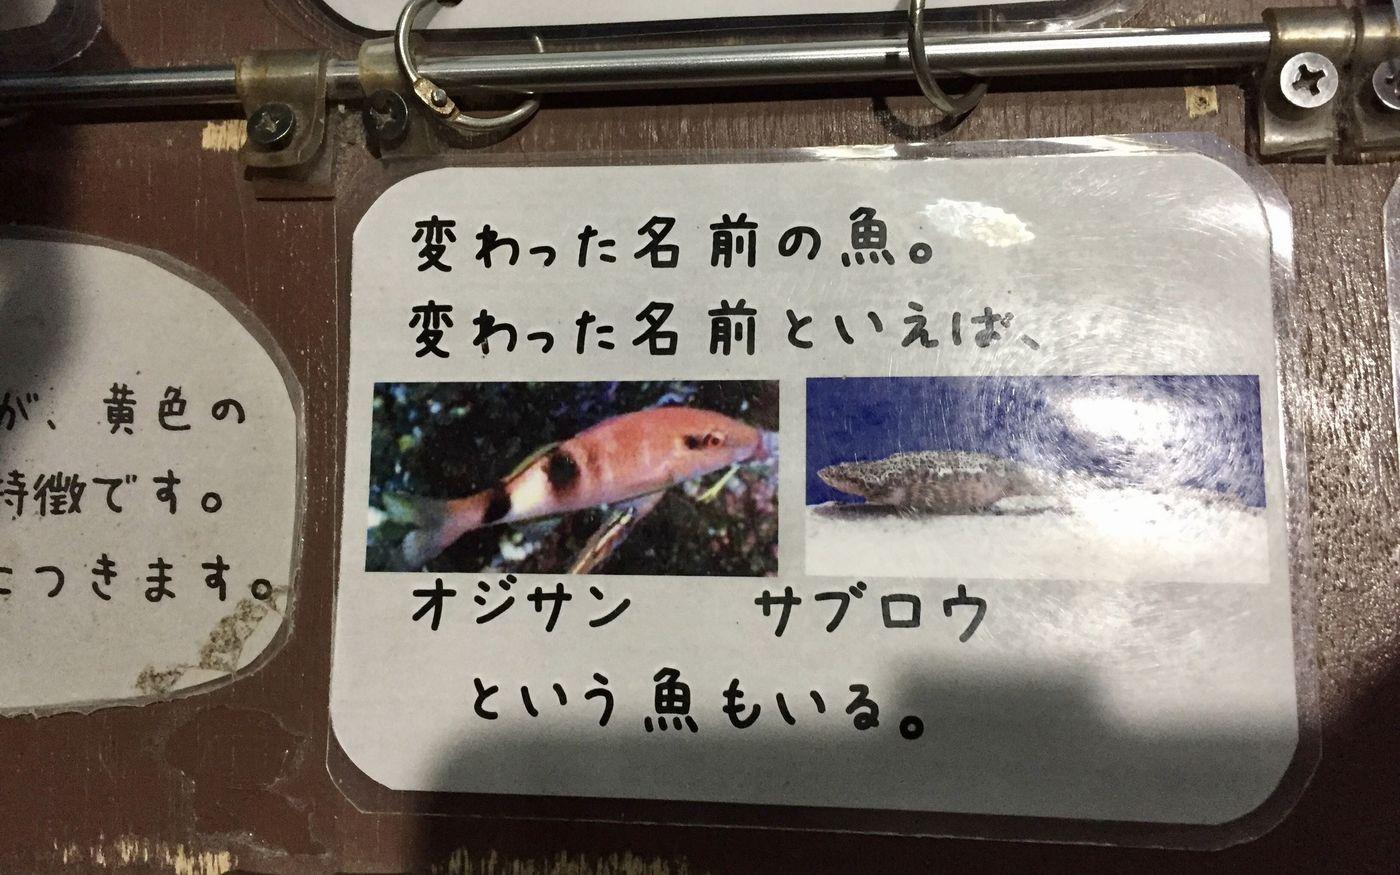 【2020】おたる水族館を徹底紹介!他とは一味違うその魅力とは?の画像